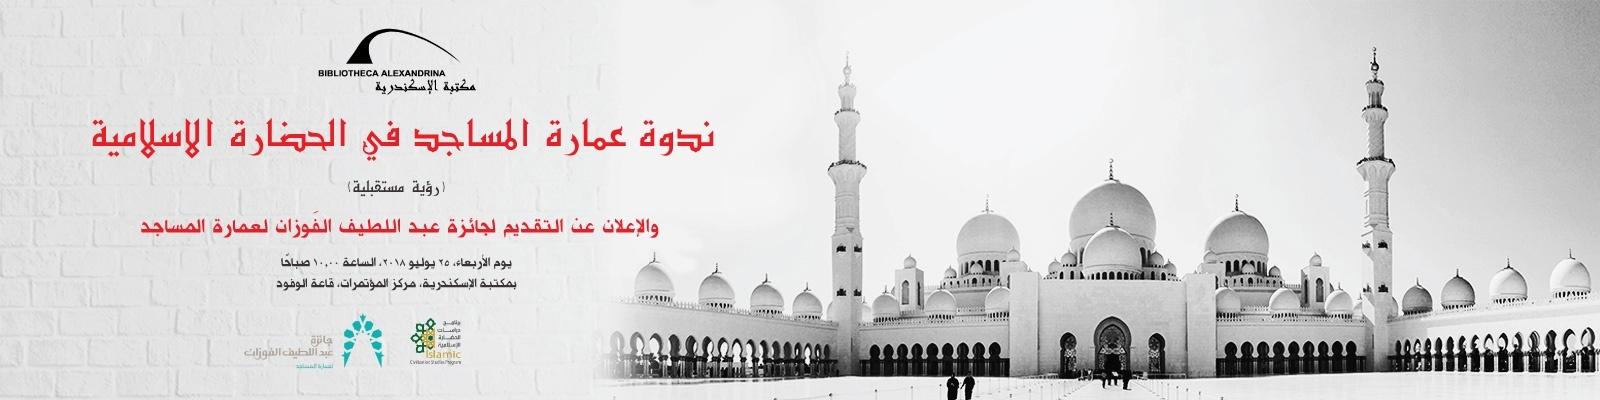 Mosque Architecture in Islamic Civilization: Prospective Visions